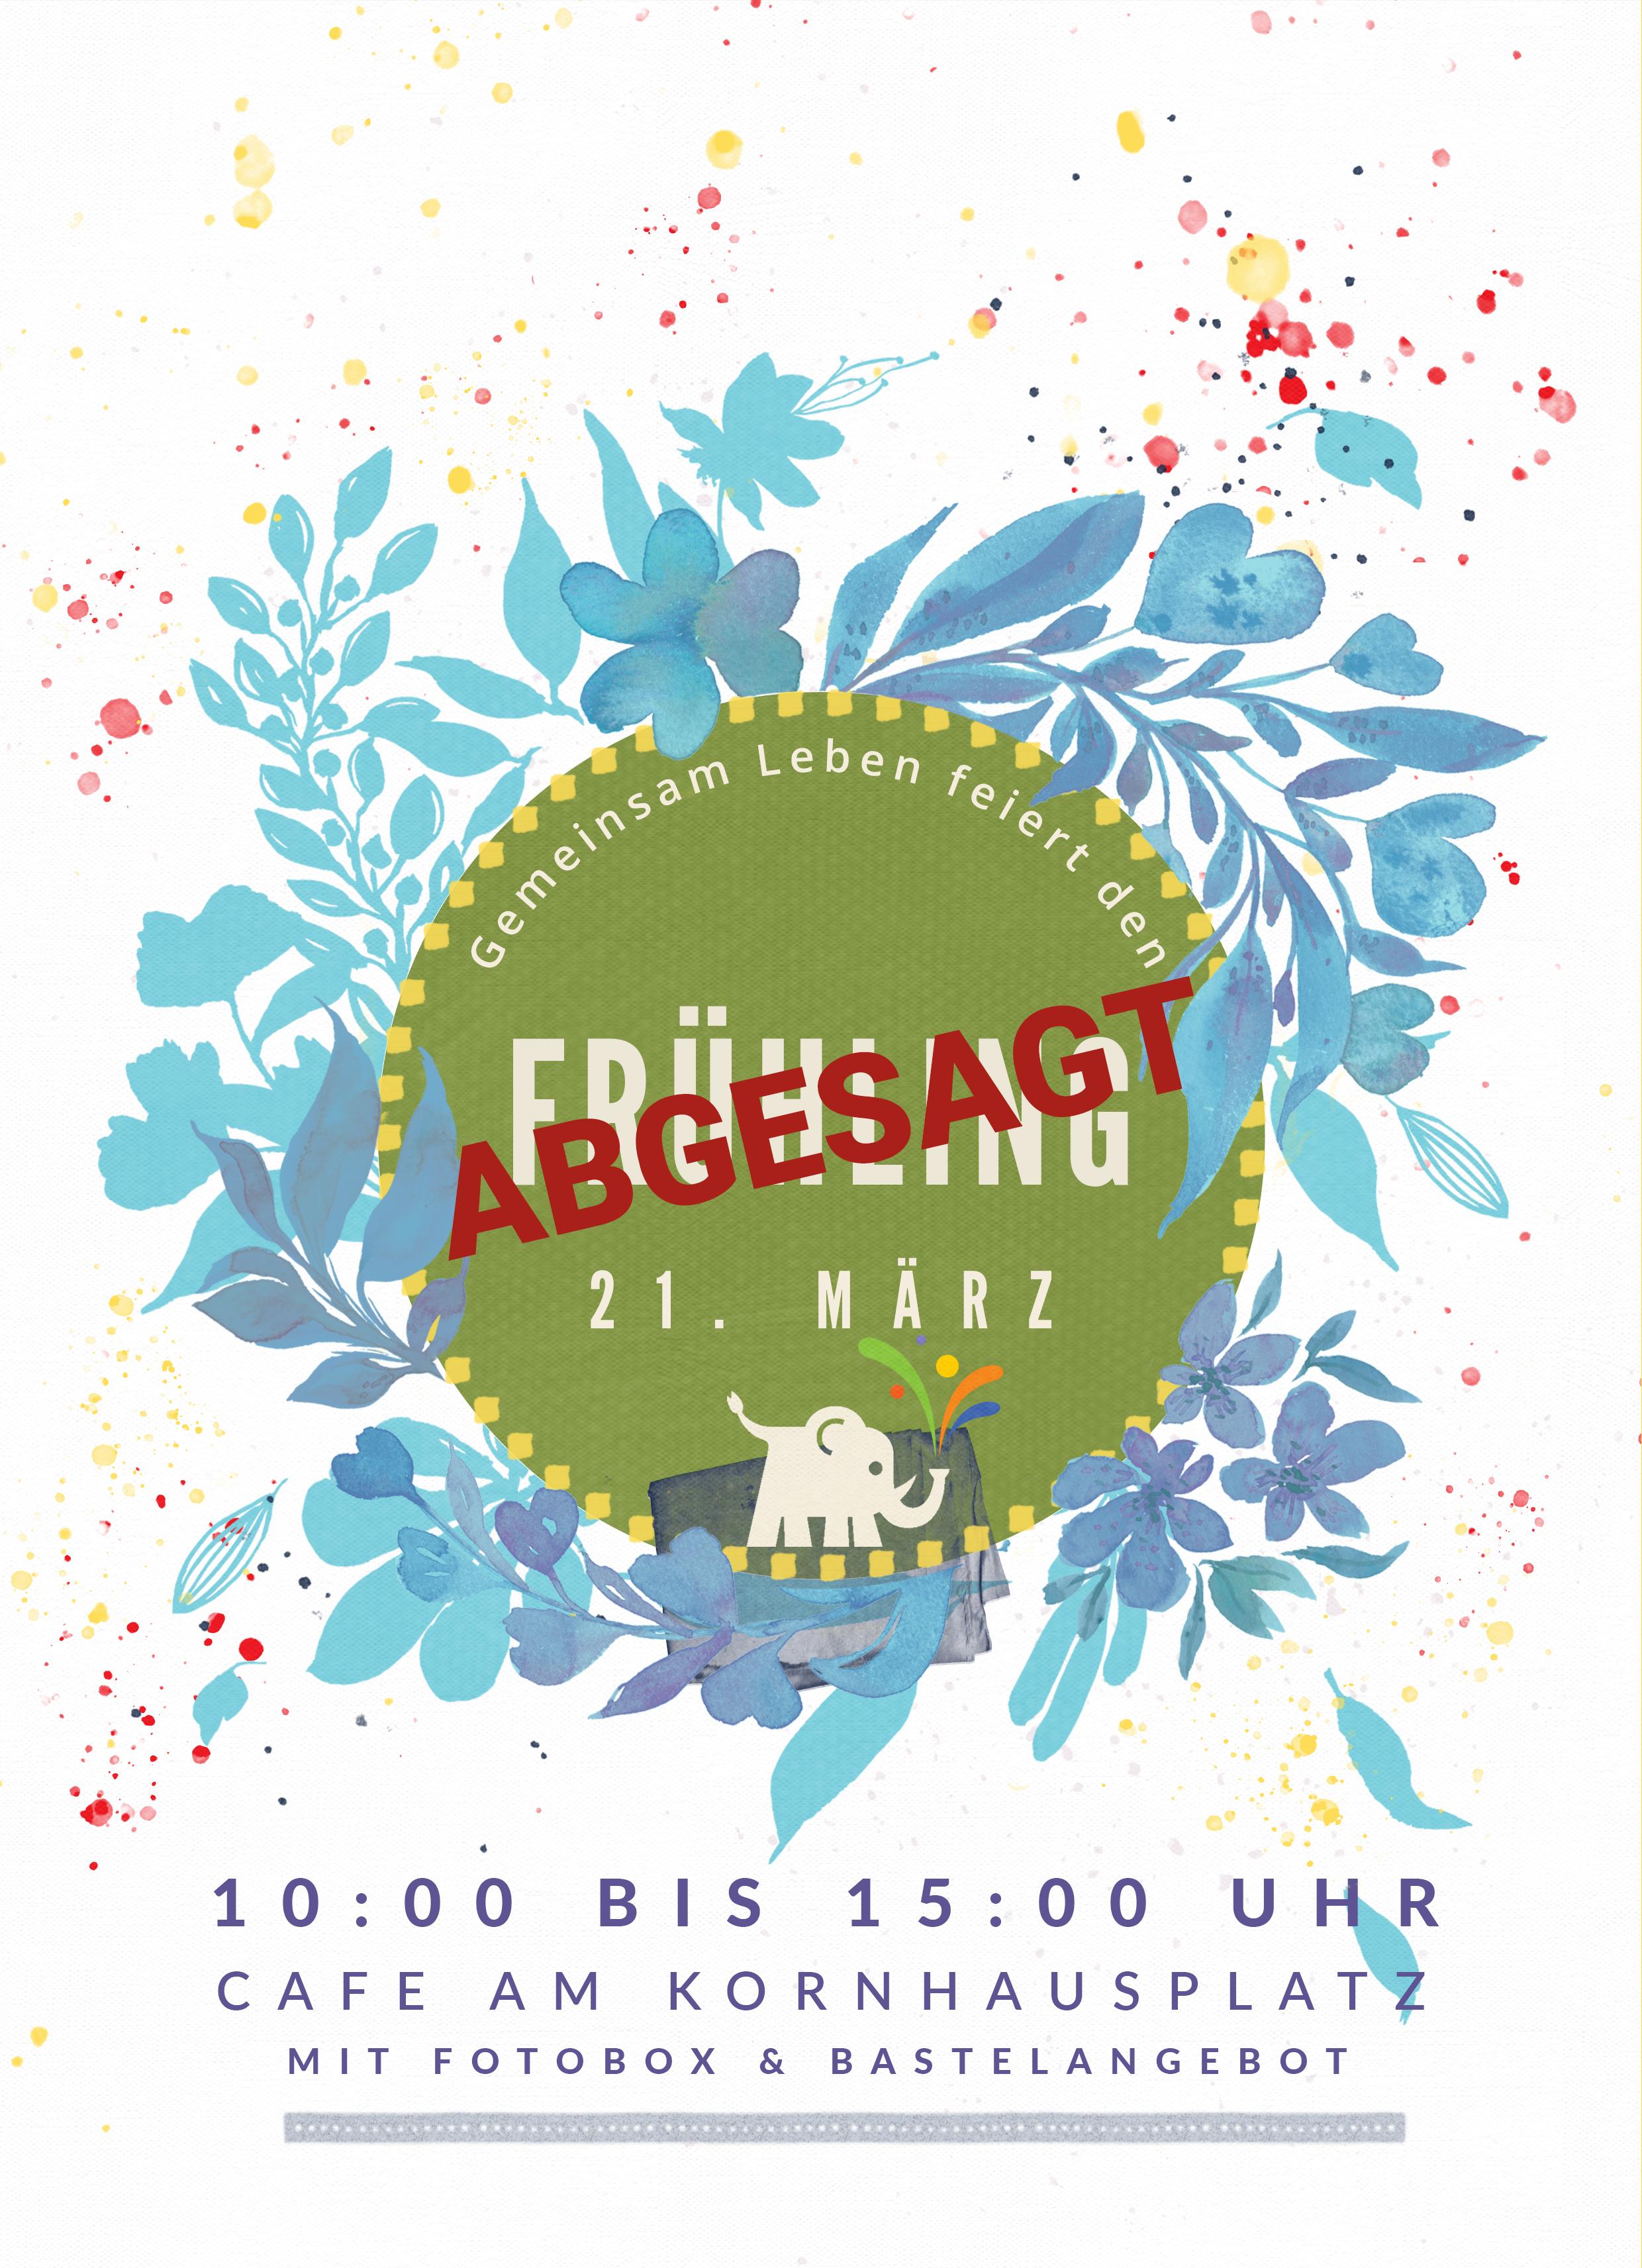 ABGESAGT: Gemeinsam Leben feiert den Frühling